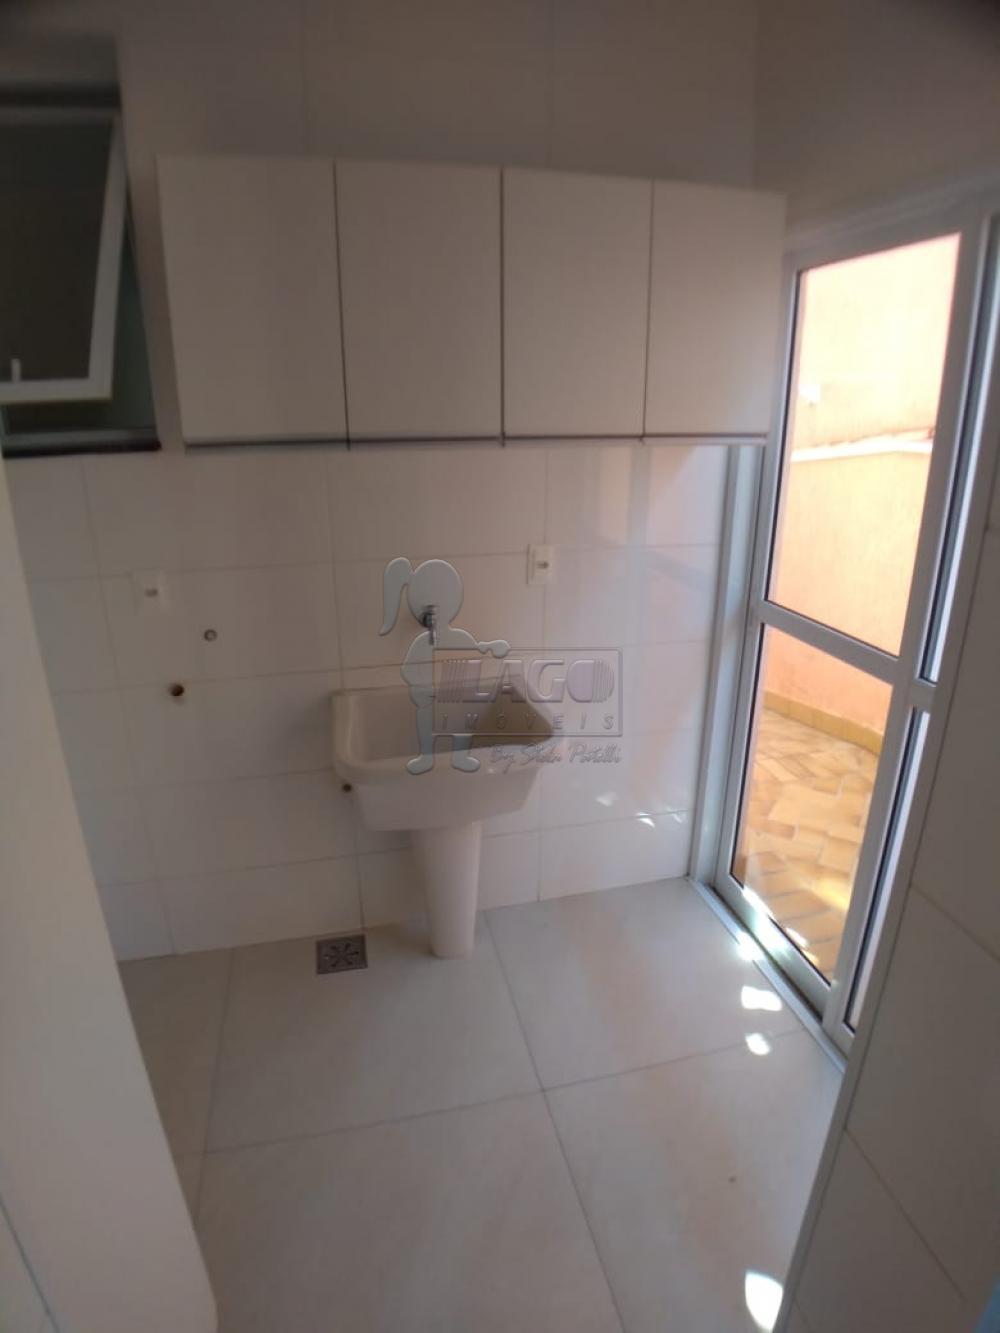 Alugar Casas / Condomínio em Bonfim Paulista apenas R$ 4.500,00 - Foto 10